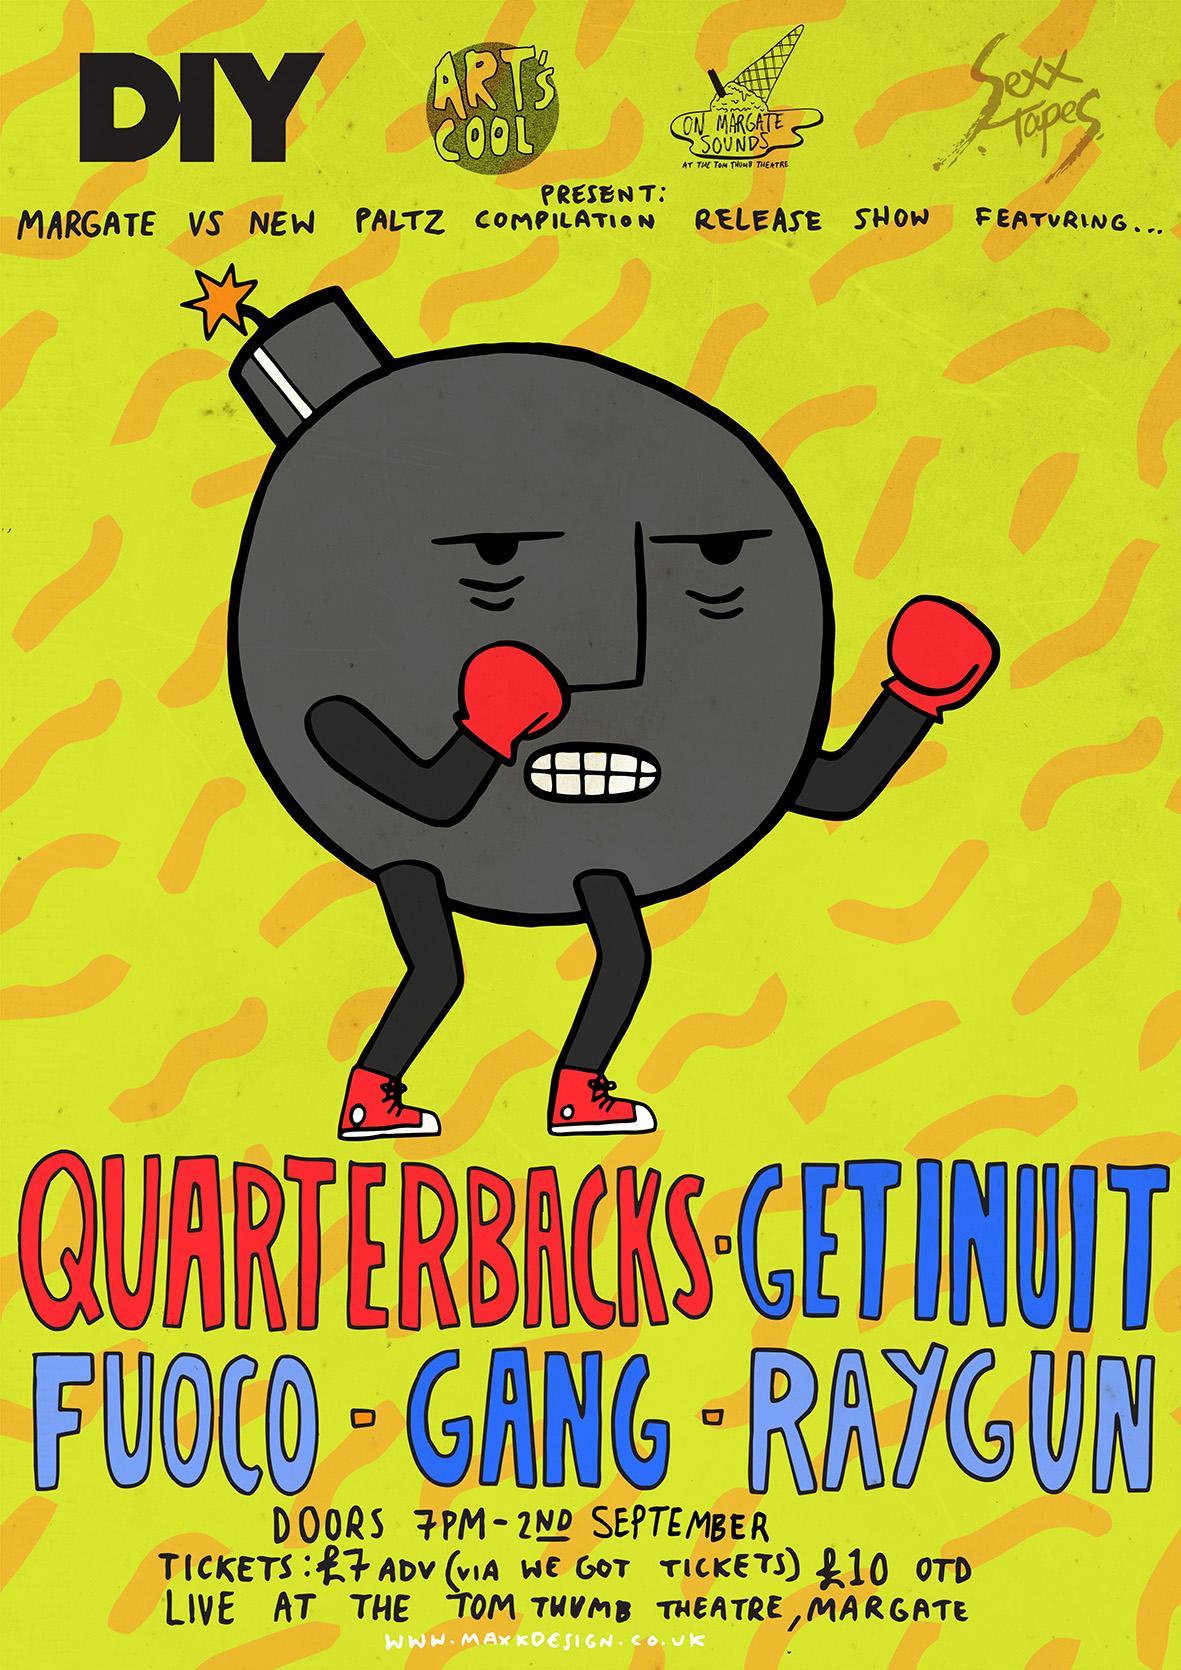 Quarterbacks, Get Inuit, Gang & more sign up for DIY Presents Margate vs New Paltz show